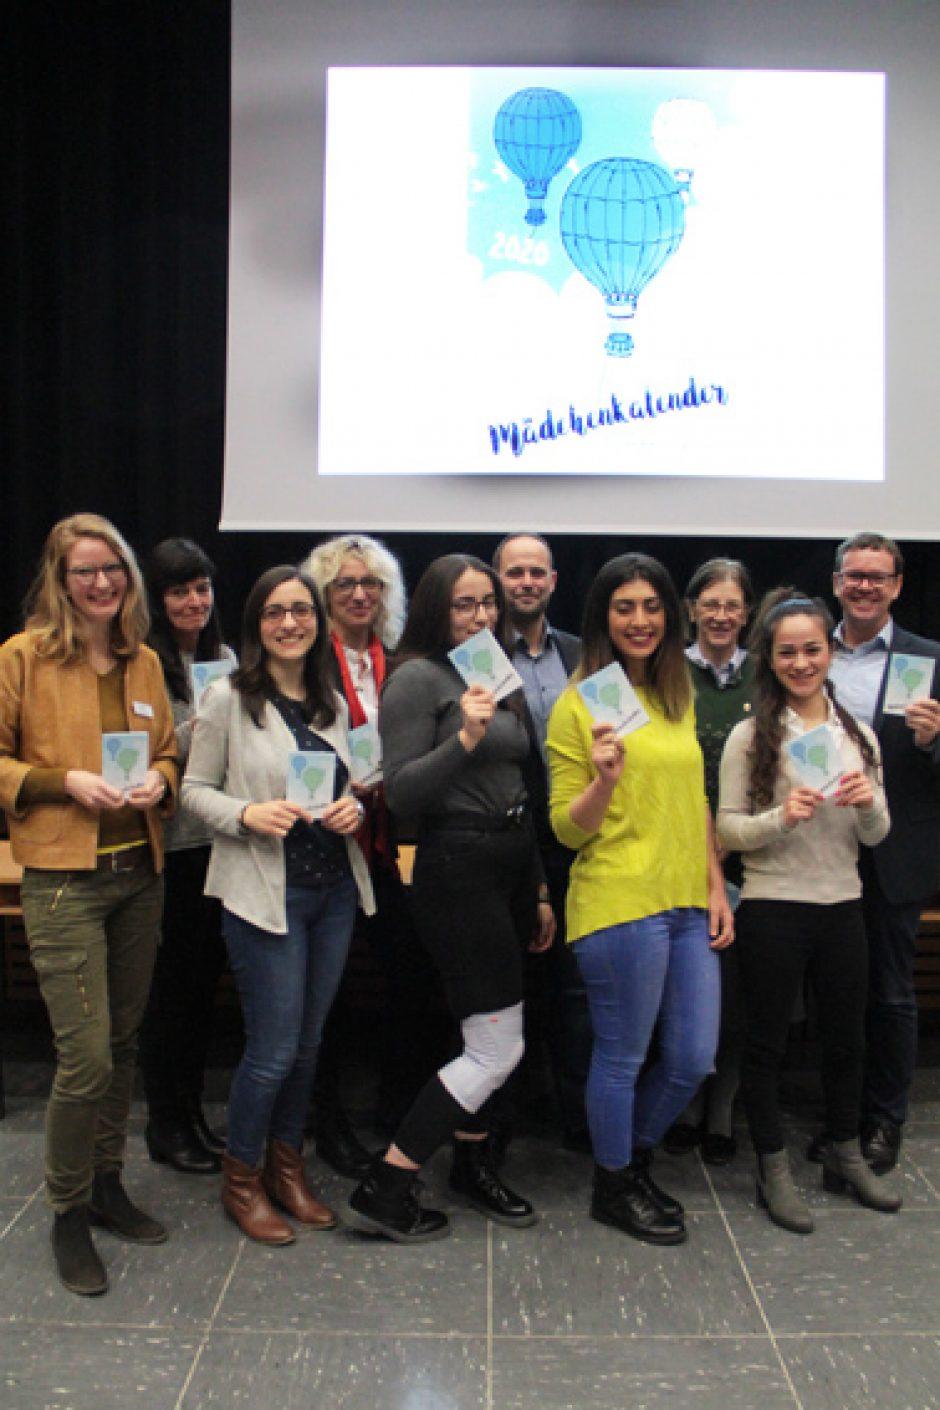 Mädchenkalender 2020 ermöglicht jungen Frauen Berufsorientierung